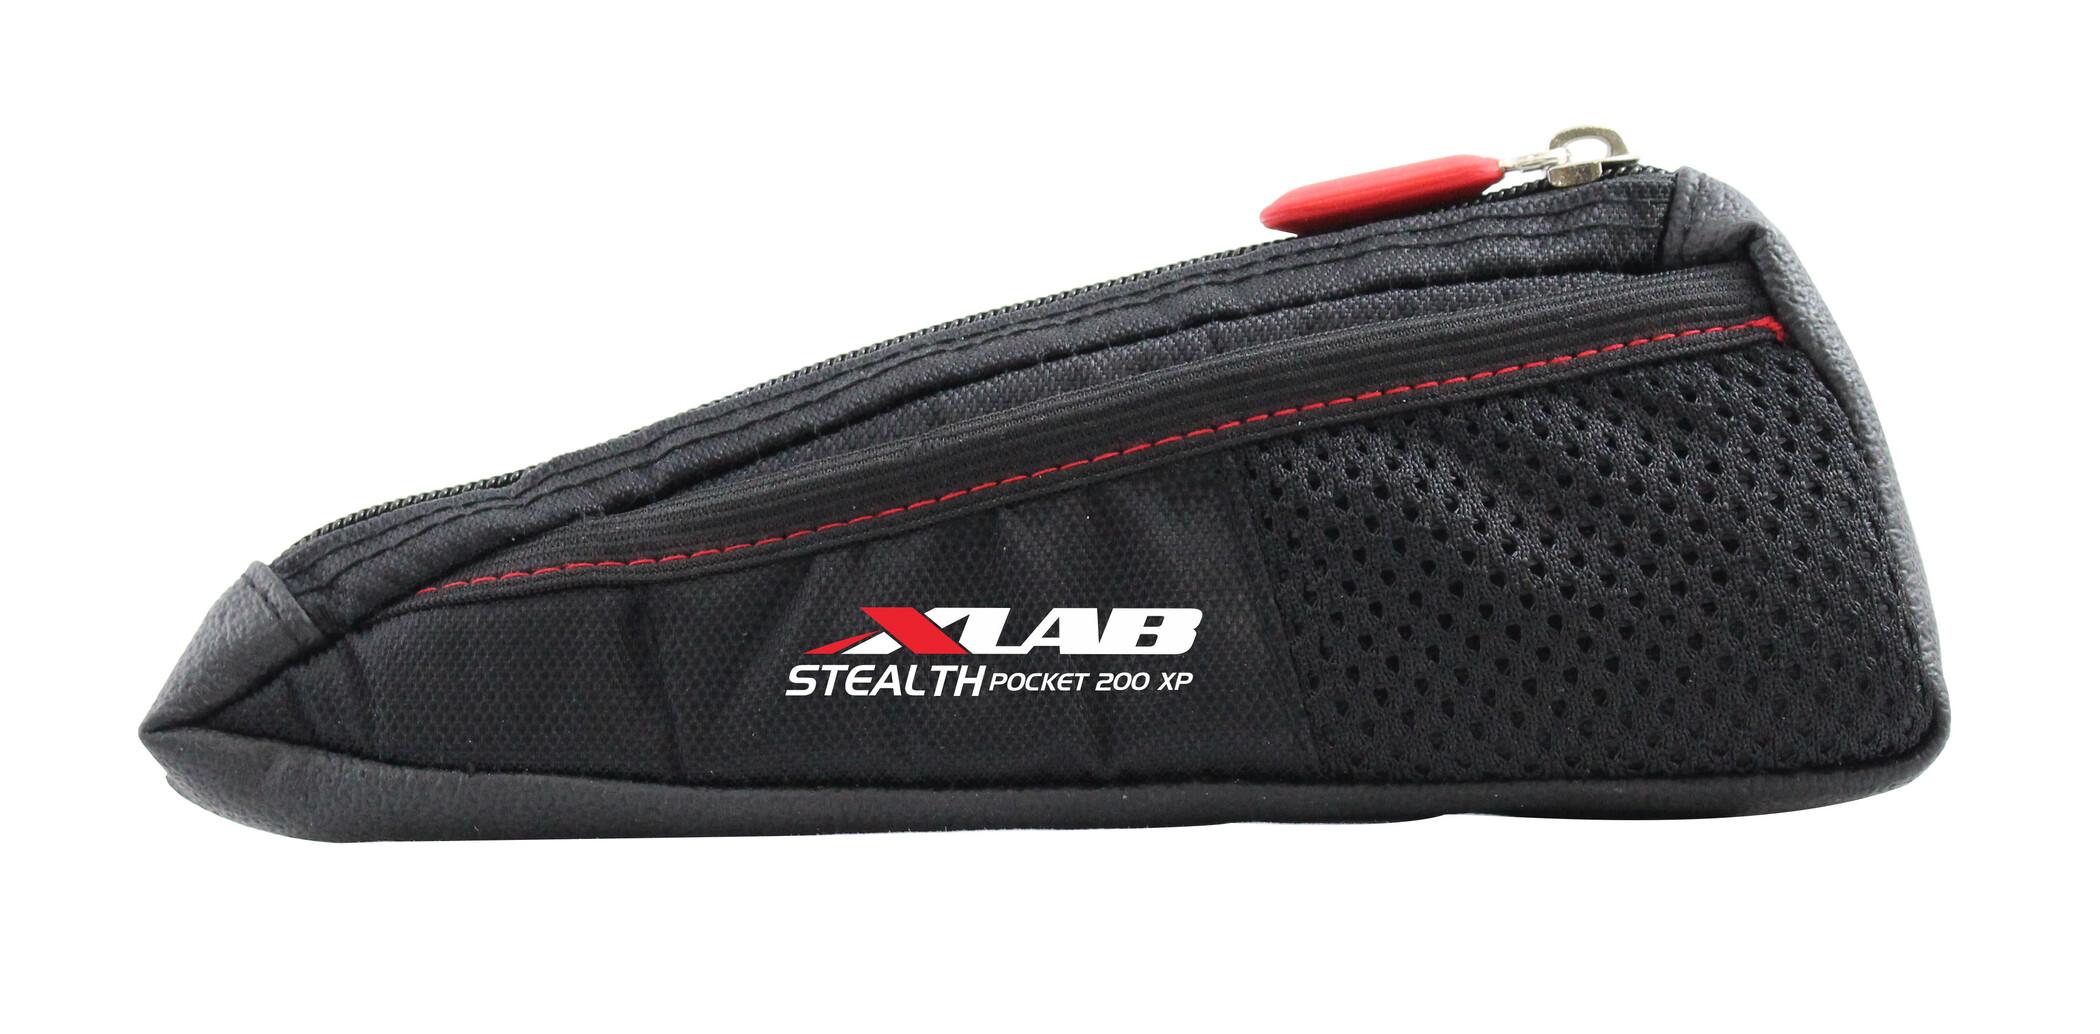 XLAB Stealth 200 XP Cykeltaske med indlæg (2019) | Steltasker